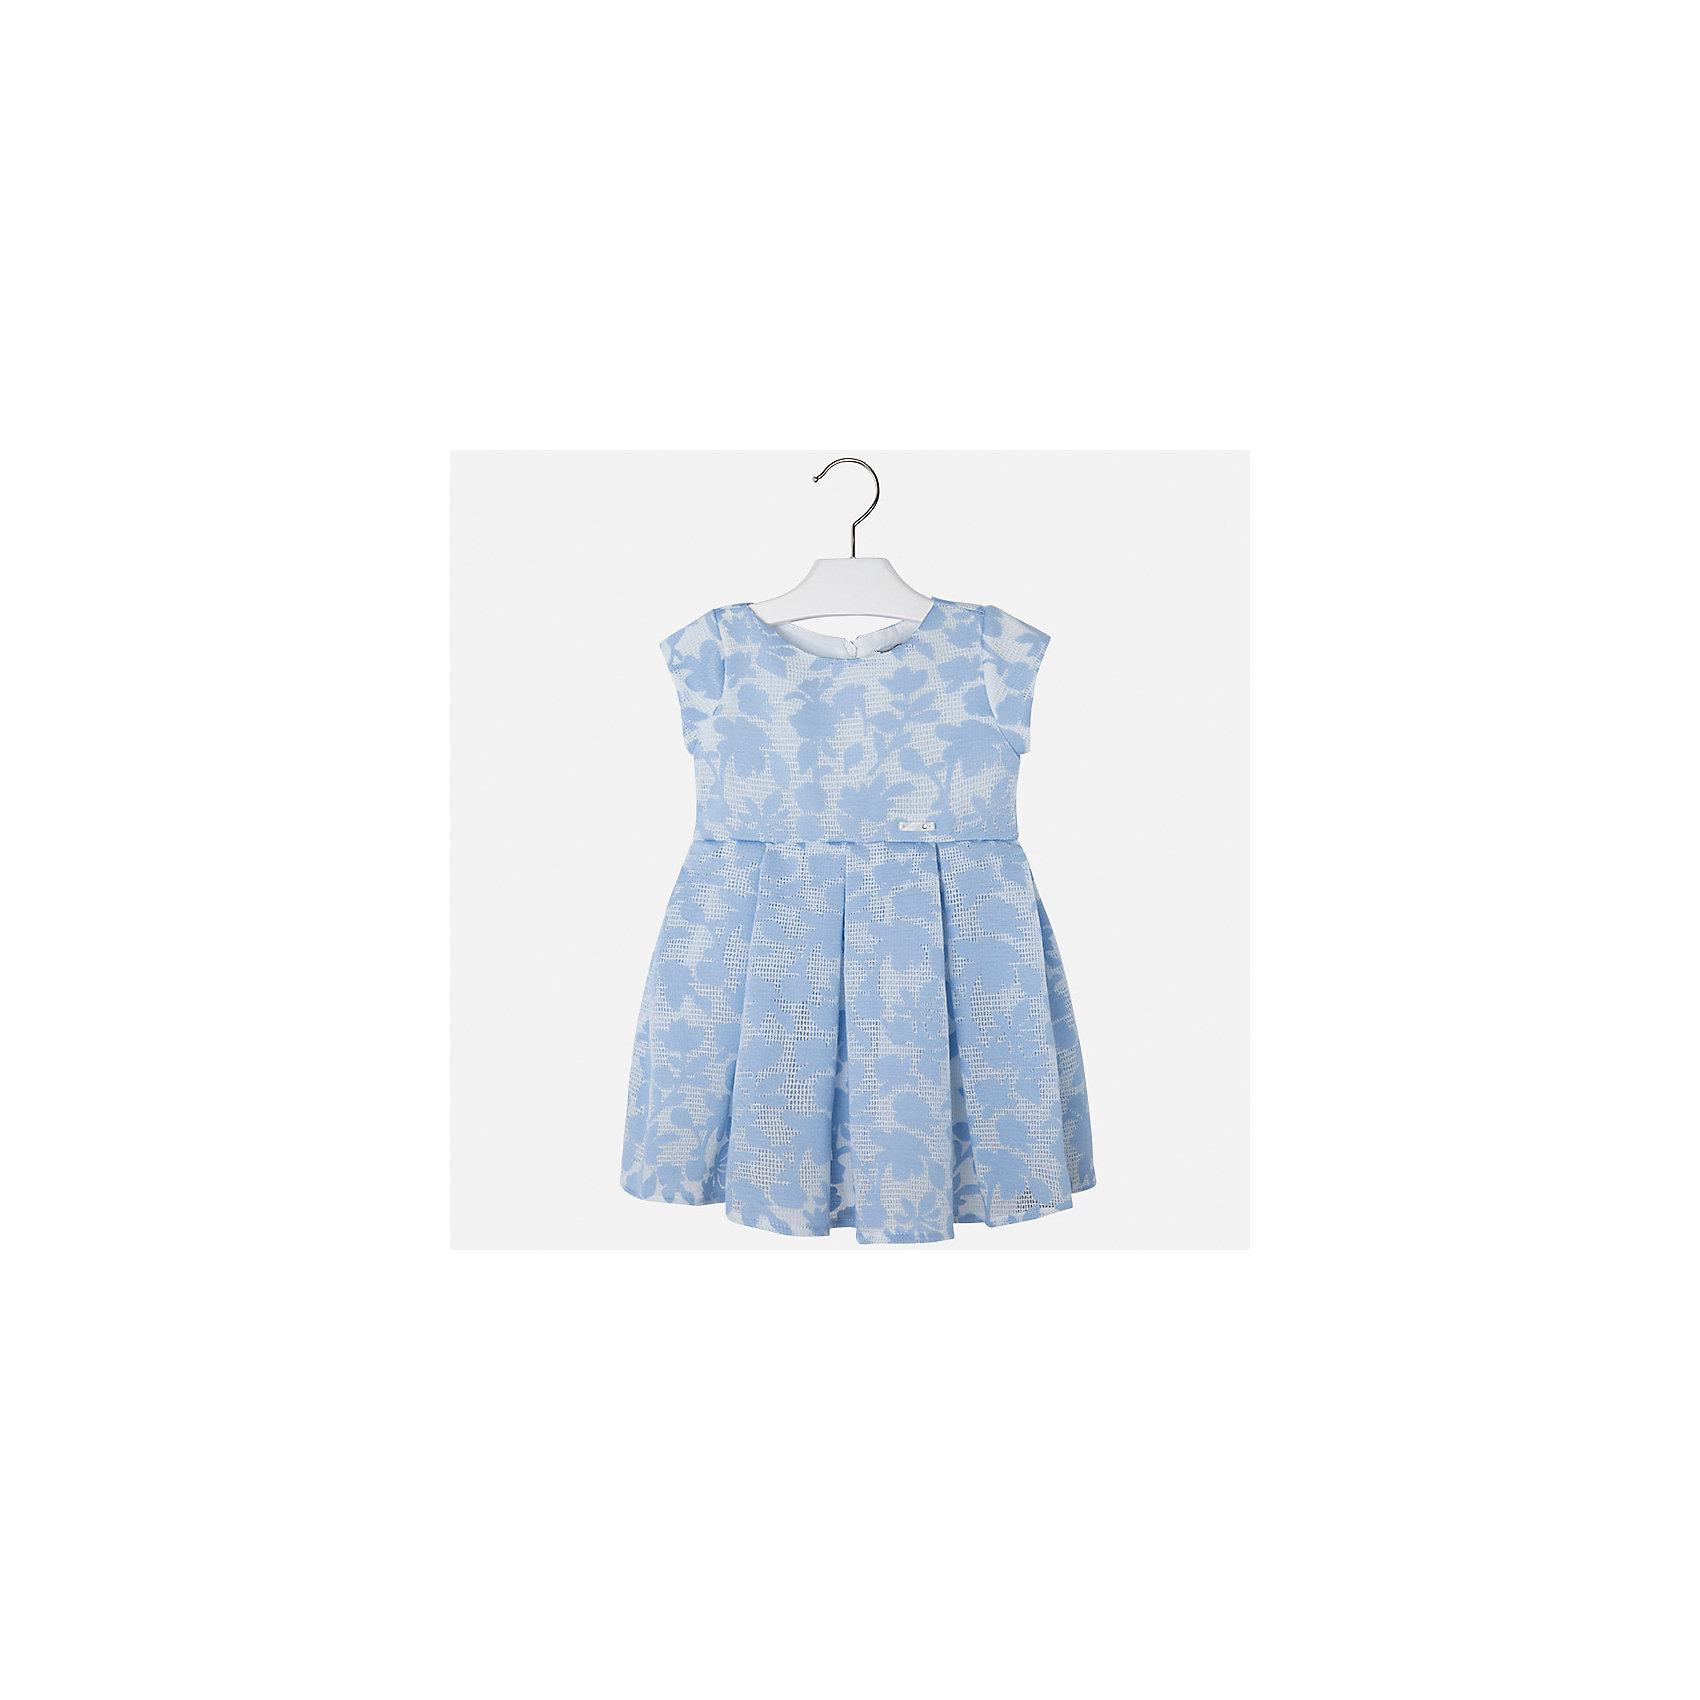 Платье для девочки MayoralОдежда<br>Характеристики товара:<br><br>• цвет: голубой<br>• состав: 64% полиэстер, 36% вискоза, подкладка - 80% полиэстер, 20% хлопок<br>• застежка: молния<br>• легкий материал<br>• набивной рисунок<br>• короткие рукава<br>• с подкладкой<br>• страна бренда: Испания<br><br>Красивое легкое платье для девочки поможет разнообразить гардероб ребенка и создать эффектный наряд. Оно подойдет и для торжественных случаев, может быть и как ежедневный наряд. Красивый оттенок позволяет подобрать к вещи обувь разных расцветок. В составе материала подкладки - натуральный хлопок, гипоаллергенный, приятный на ощупь, дышащий. Платье хорошо сидит по фигуре.<br><br>Одежда, обувь и аксессуары от испанского бренда Mayoral полюбились детям и взрослым по всему миру. Модели этой марки - стильные и удобные. Для их производства используются только безопасные, качественные материалы и фурнитура. Порадуйте ребенка модными и красивыми вещами от Mayoral! <br><br>Платье для девочки от испанского бренда Mayoral (Майорал) можно купить в нашем интернет-магазине.<br><br>Ширина мм: 236<br>Глубина мм: 16<br>Высота мм: 184<br>Вес г: 177<br>Цвет: голубой<br>Возраст от месяцев: 96<br>Возраст до месяцев: 108<br>Пол: Женский<br>Возраст: Детский<br>Размер: 134,98,104,110,116,122,128<br>SKU: 5291007